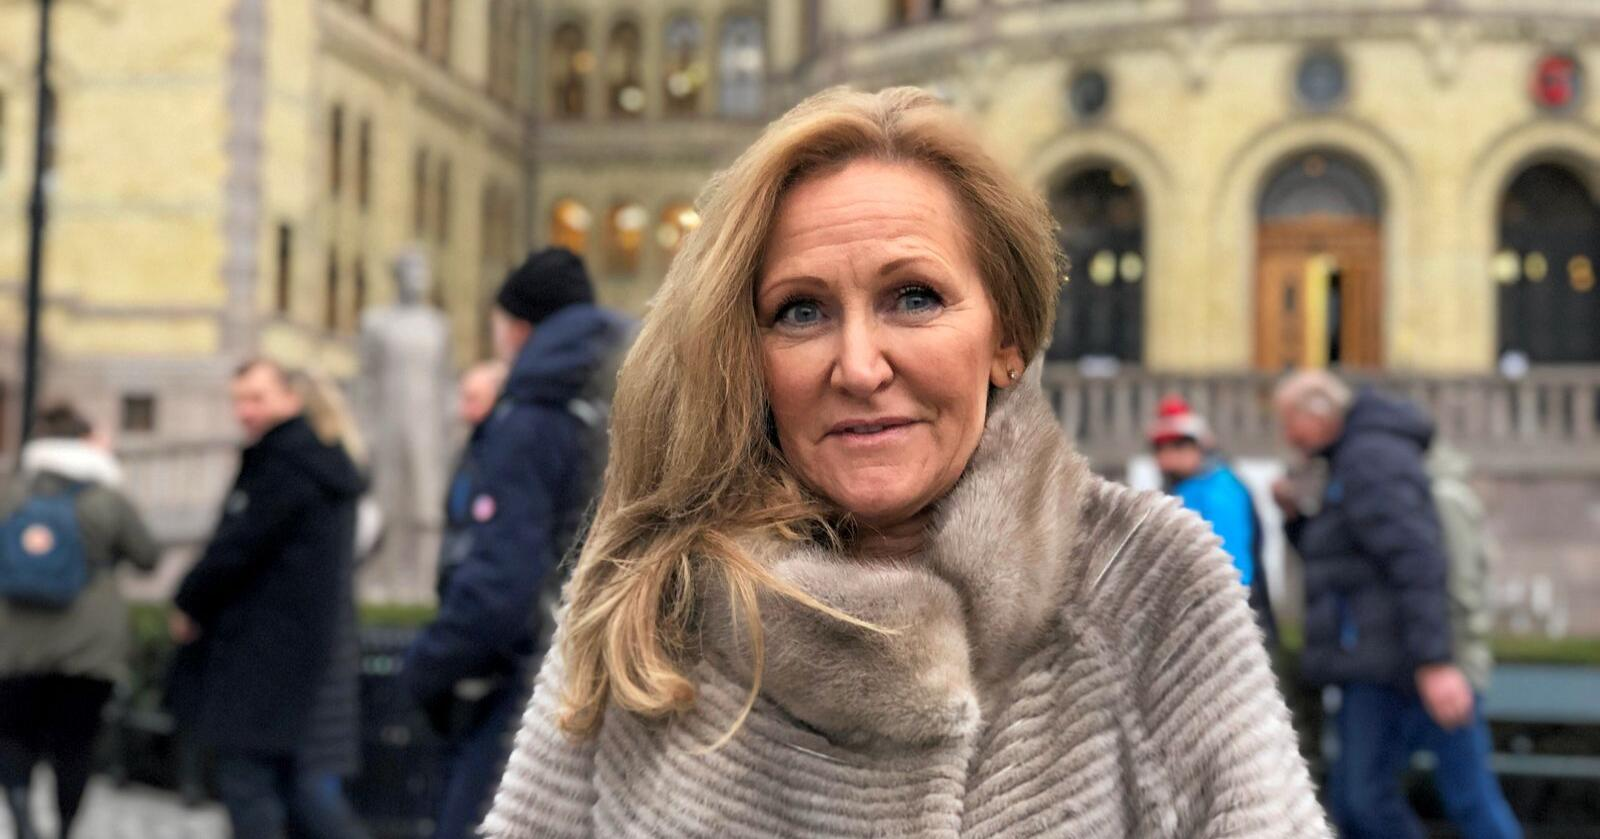 Guri Wormdahl sier de ikke har tid til å kjempe mot et importforbud, men mener det vil være unødvendig. Foto: Line Omland Eilevstjønn